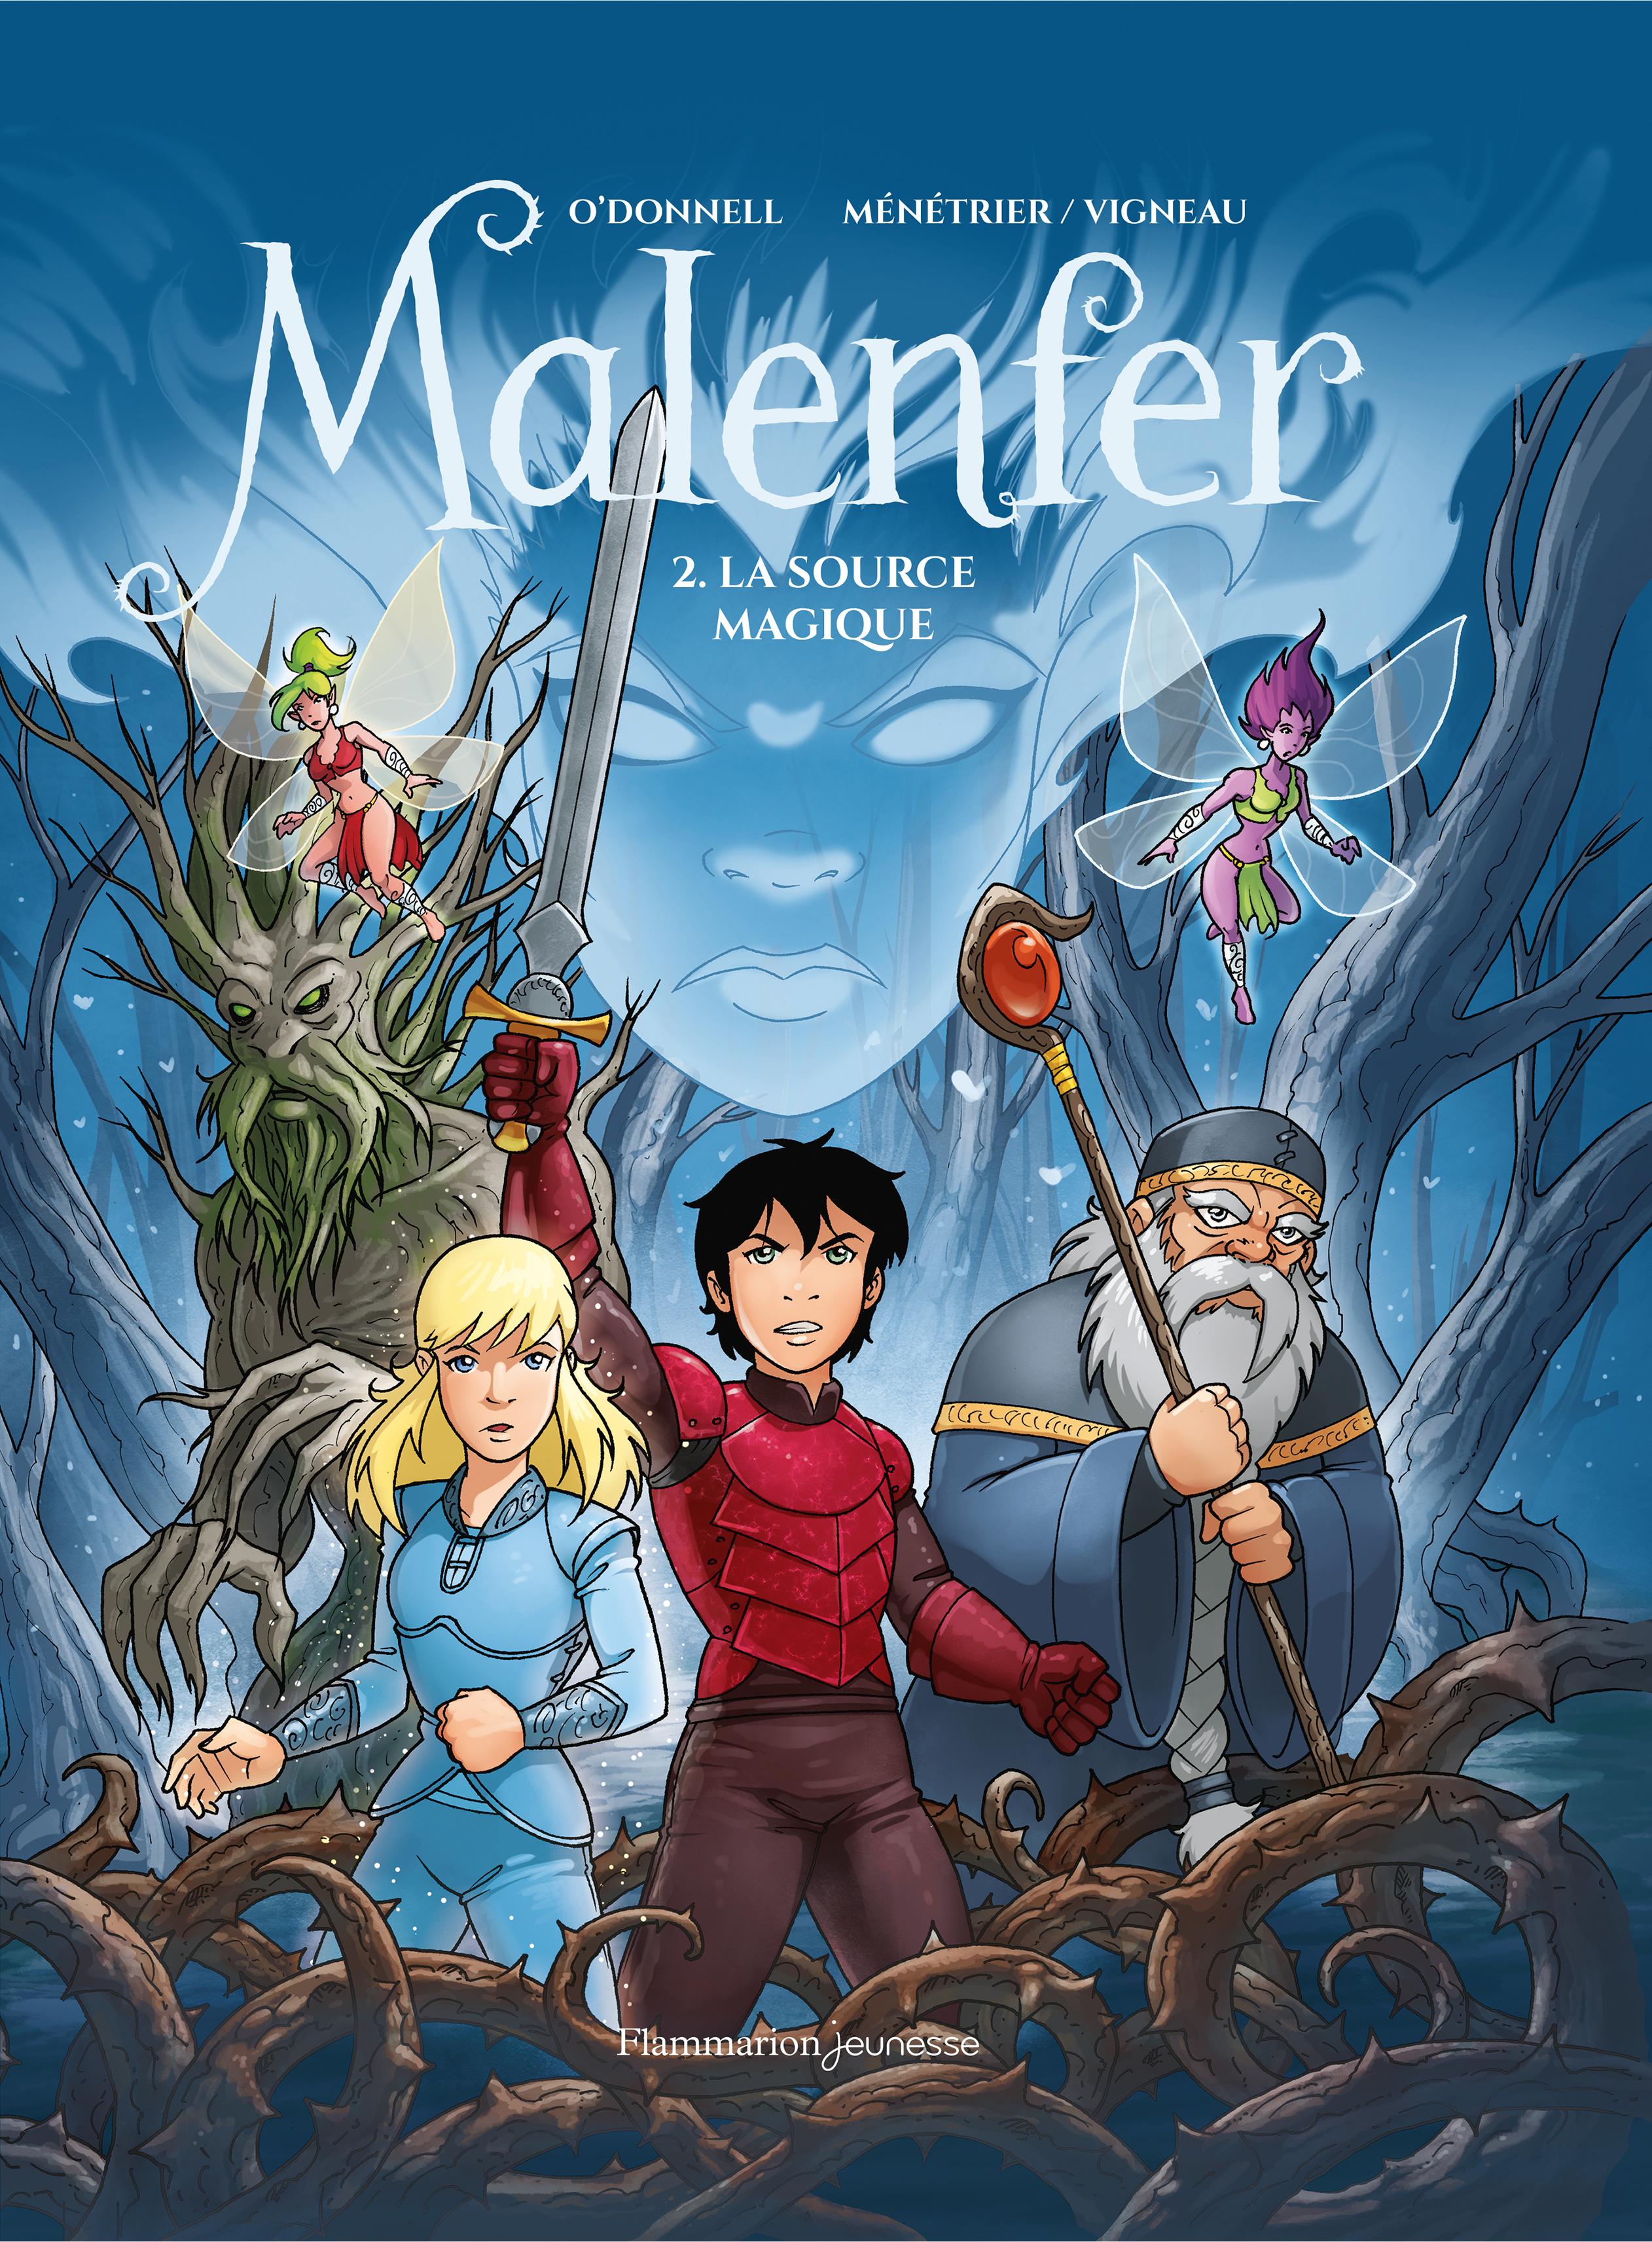 Malenfer (Tome 2) - La sour...